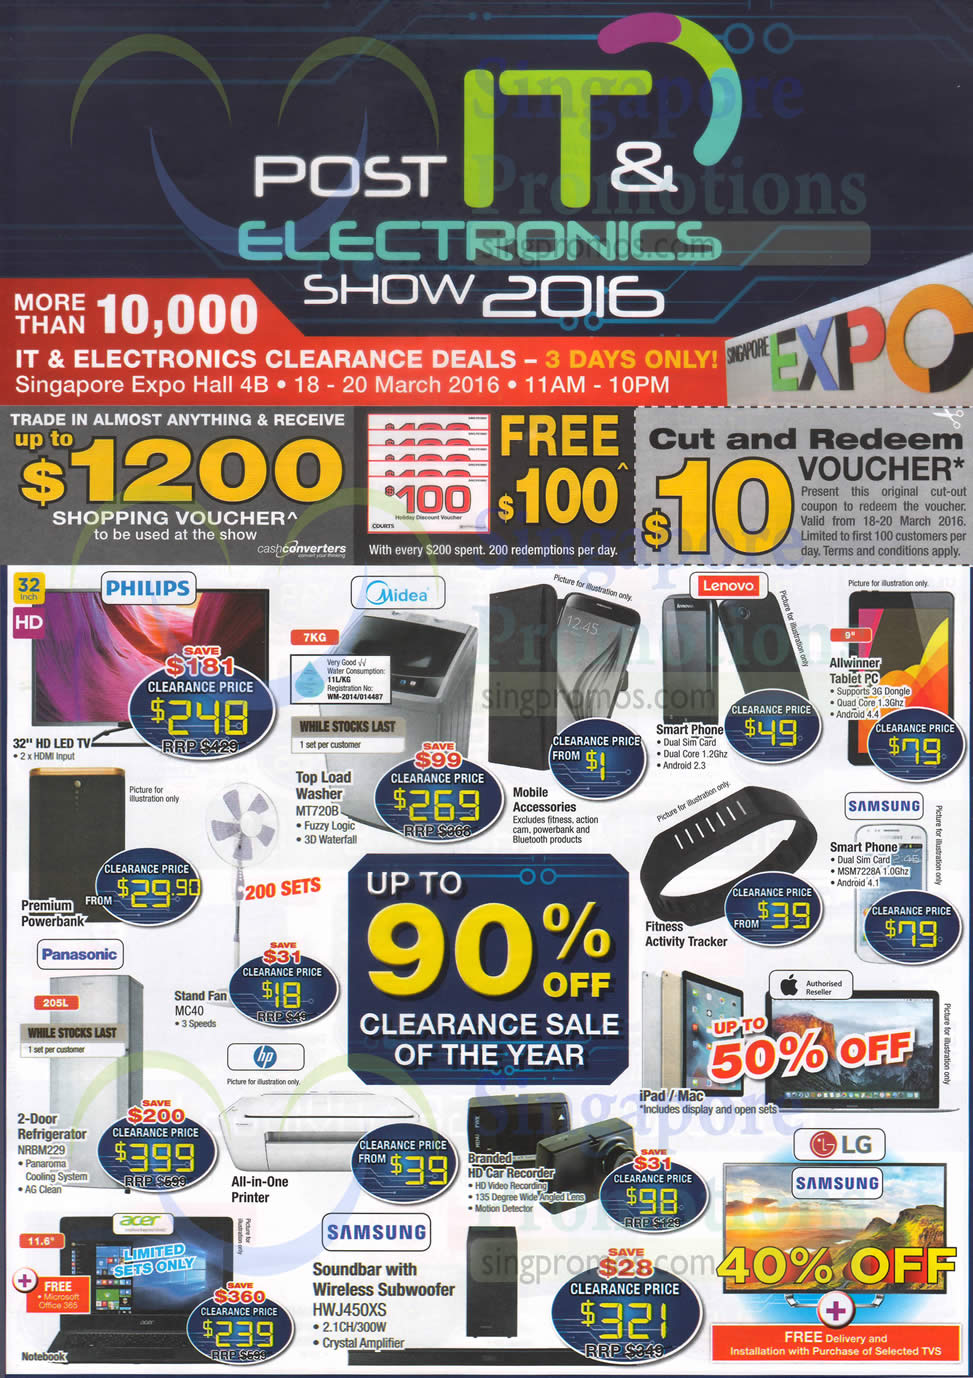 Highlights, Trade-in, TV, Smartphones